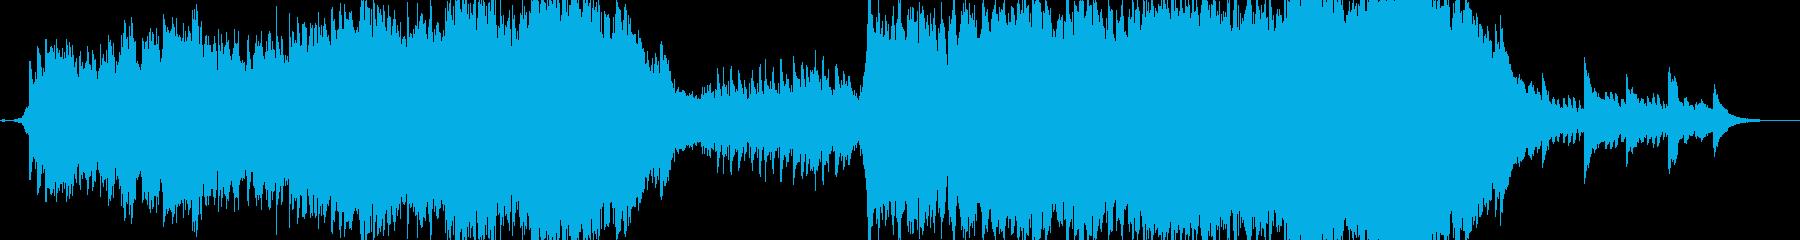 ワールド 民族 クラシック 交響曲...の再生済みの波形